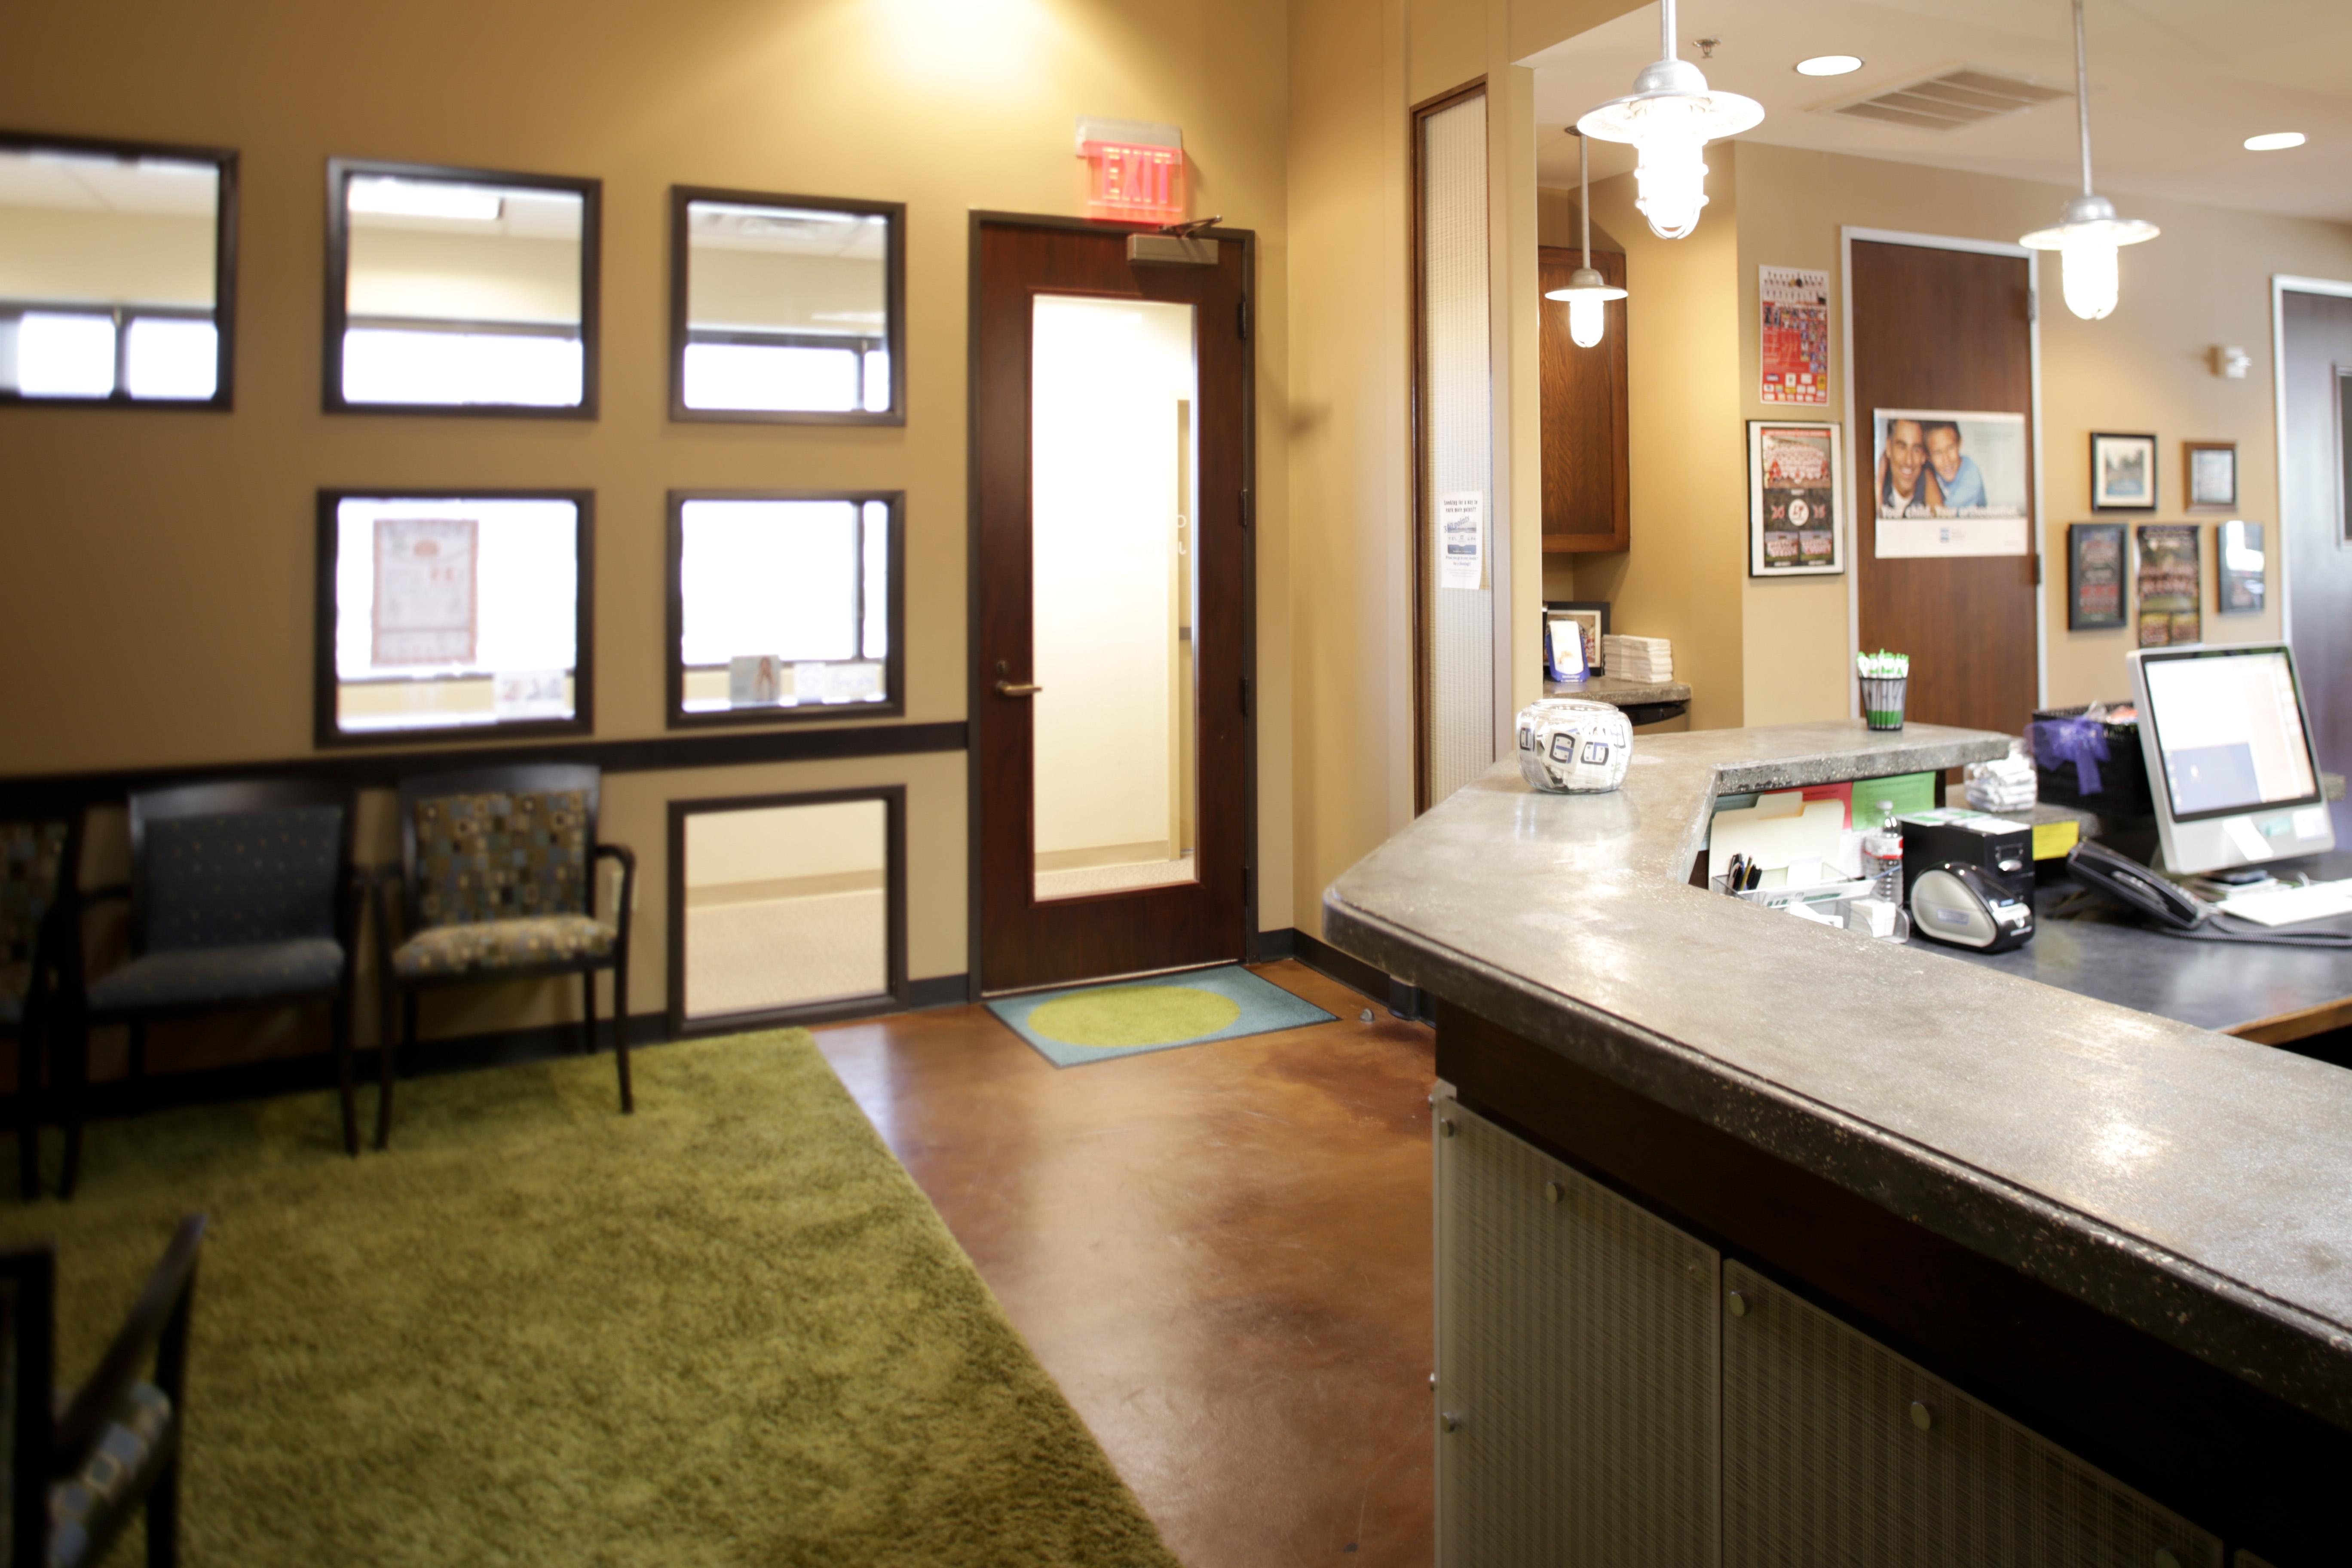 Lakeway Orthodontics - Lakeway, TX